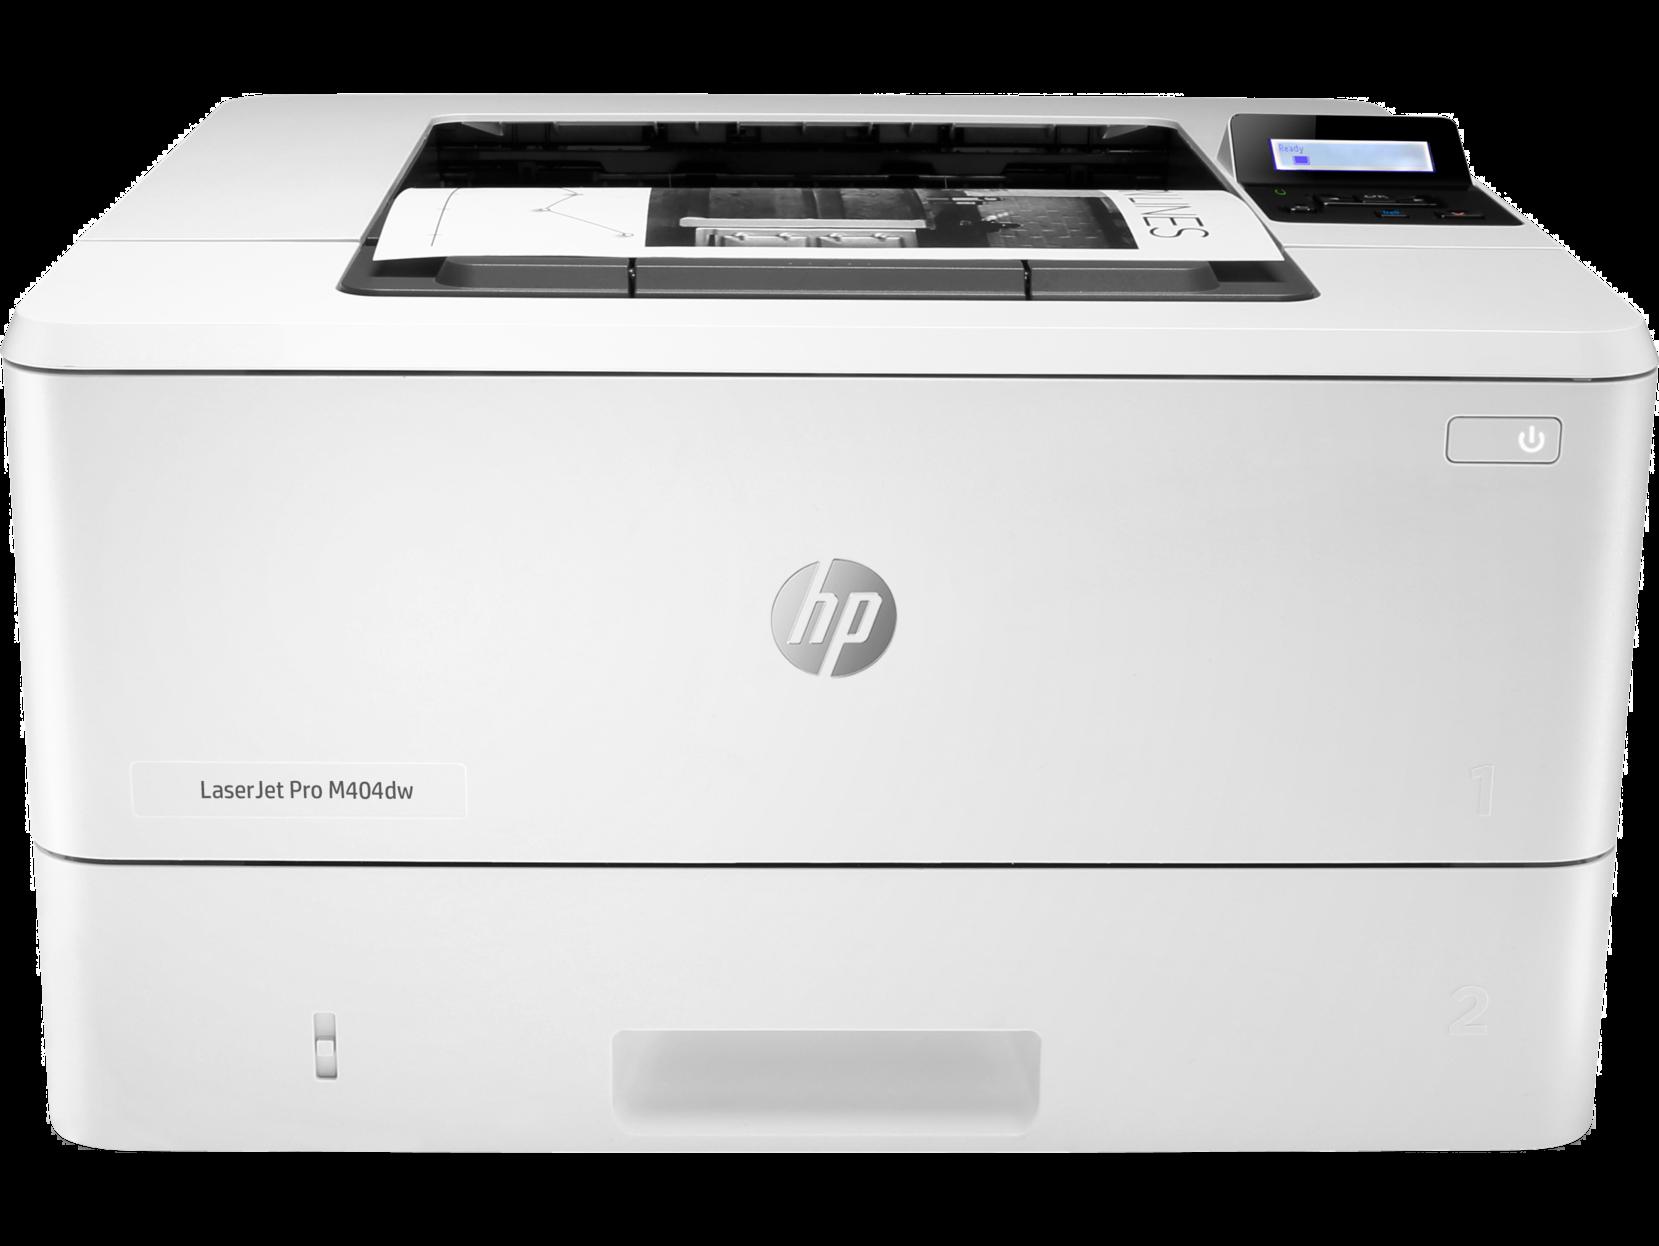 Máy in đen trắng HP LaserJet Pro M404dn